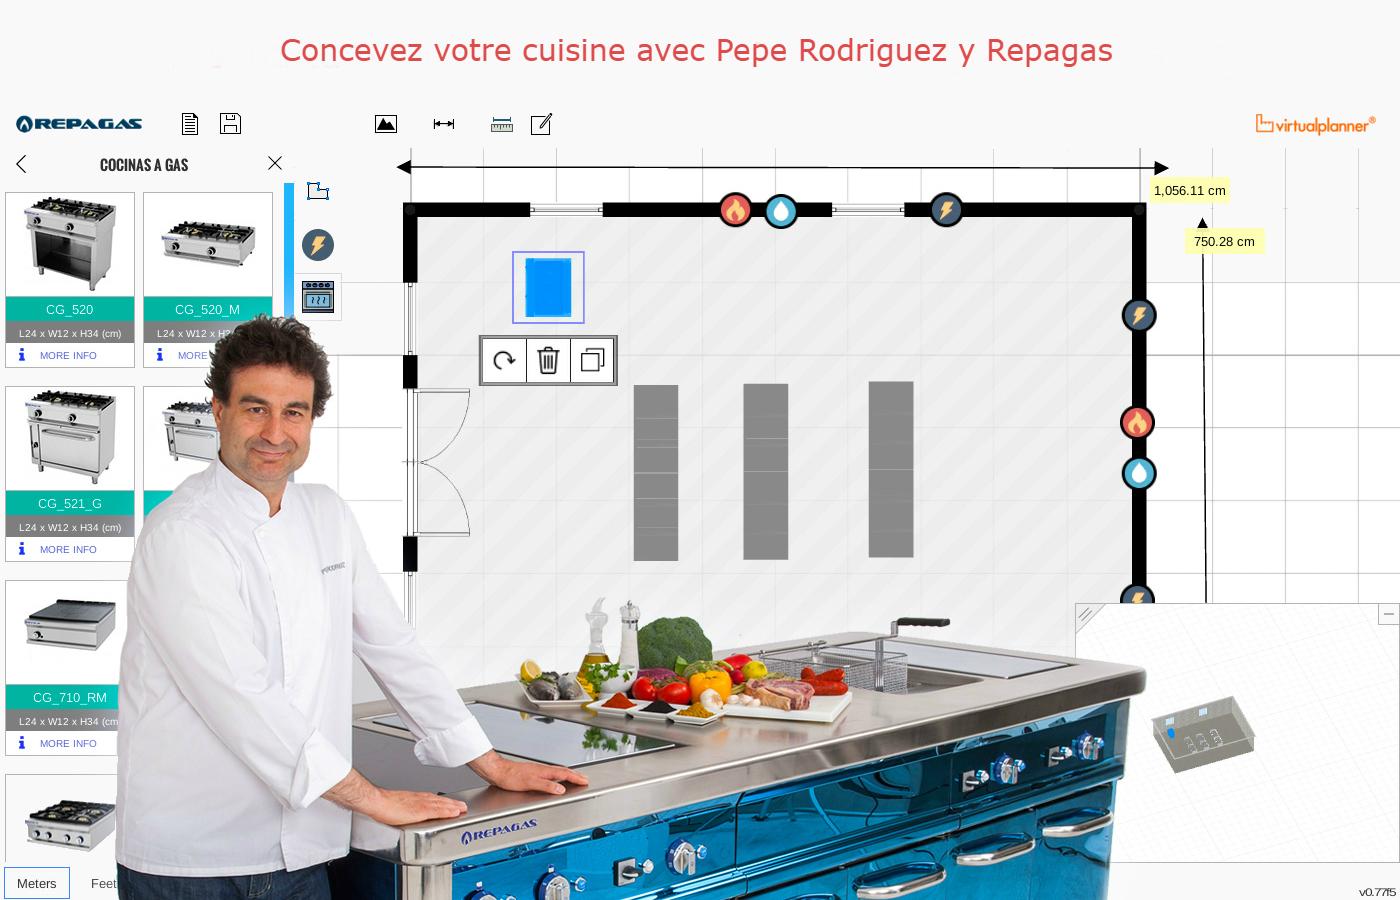 Concepteur de cuisines repagas concevez votre cuisine ideal for Concepteur de cuisine 3d